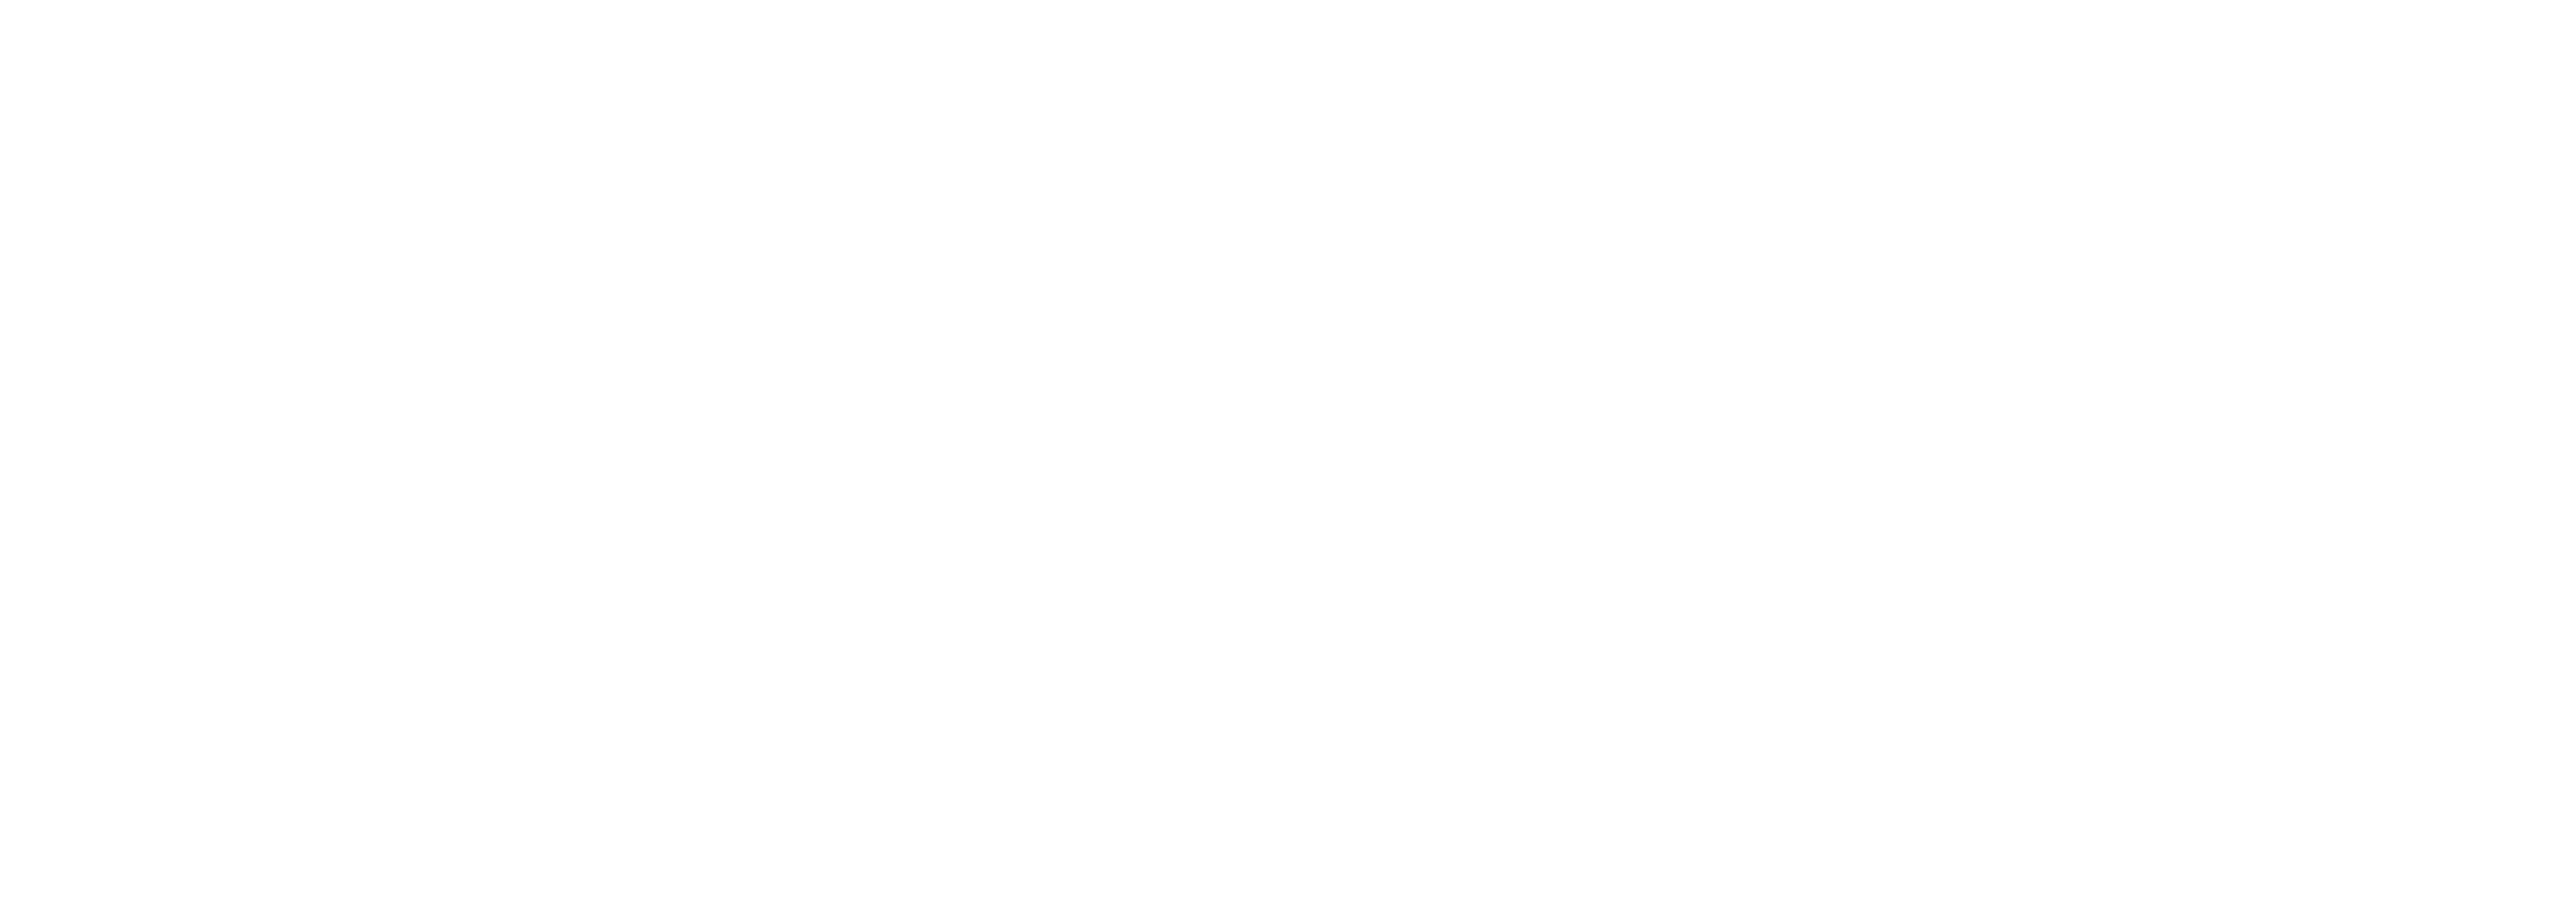 KICKOFF EINDHOVEN